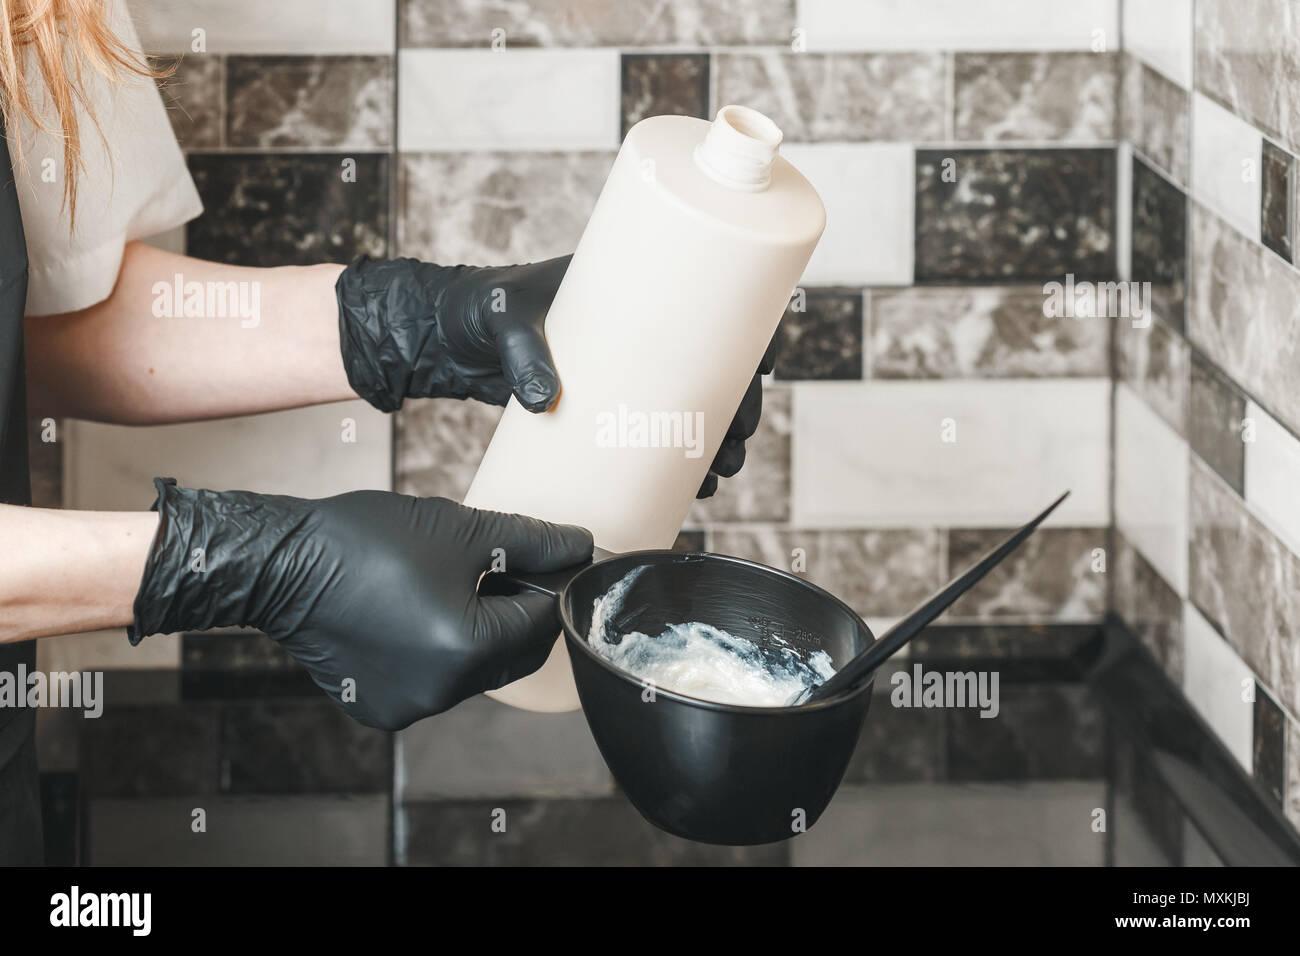 Haarstilist gießen ein Oxidationsmittel Sahne in die Schüssel Vorbereitung einer färbenden Farbstoff Stockbild